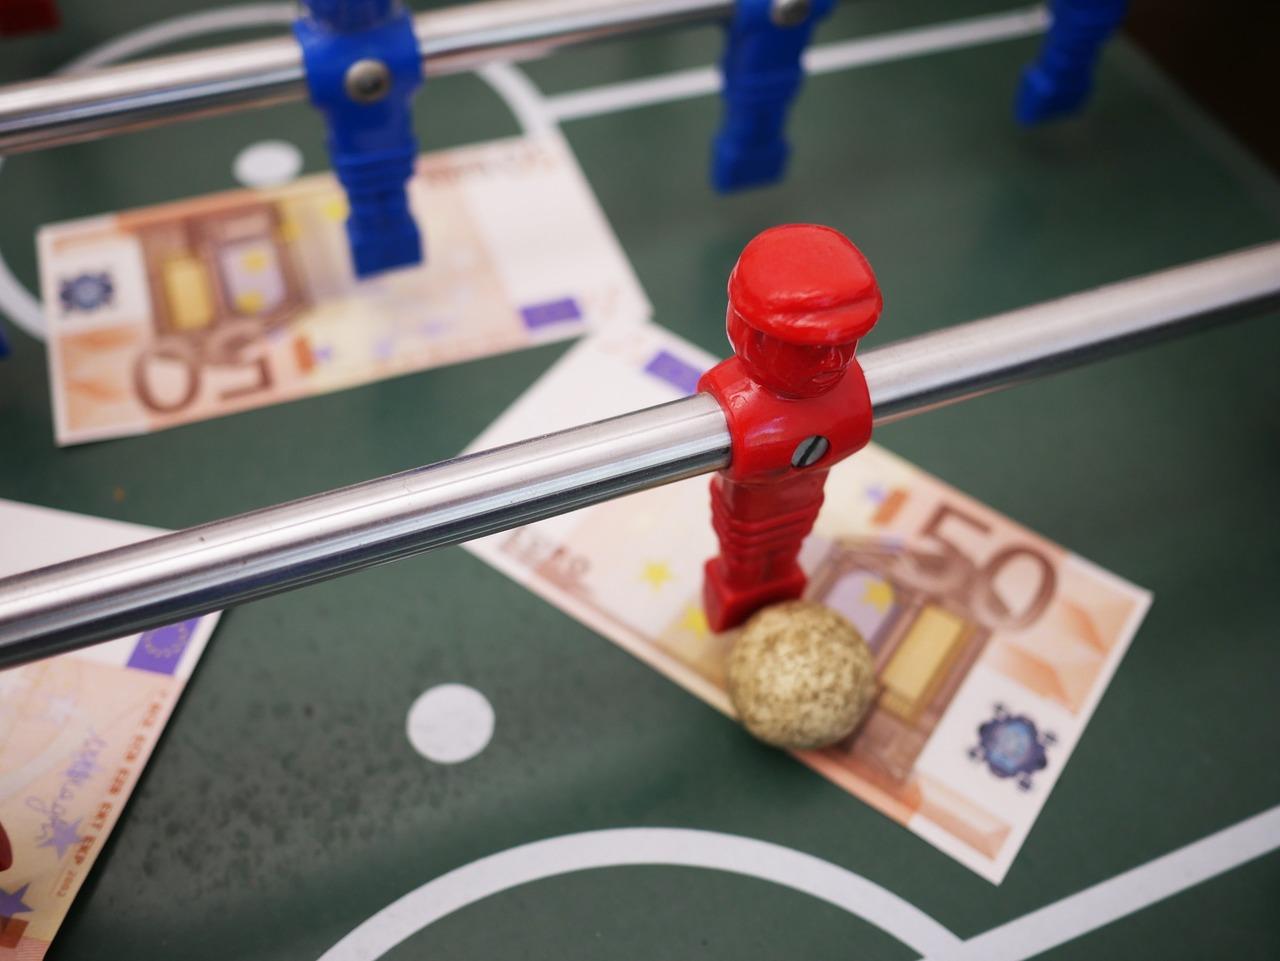 Comment expliquer l'engouement grandissant pour les paris sportifs ?